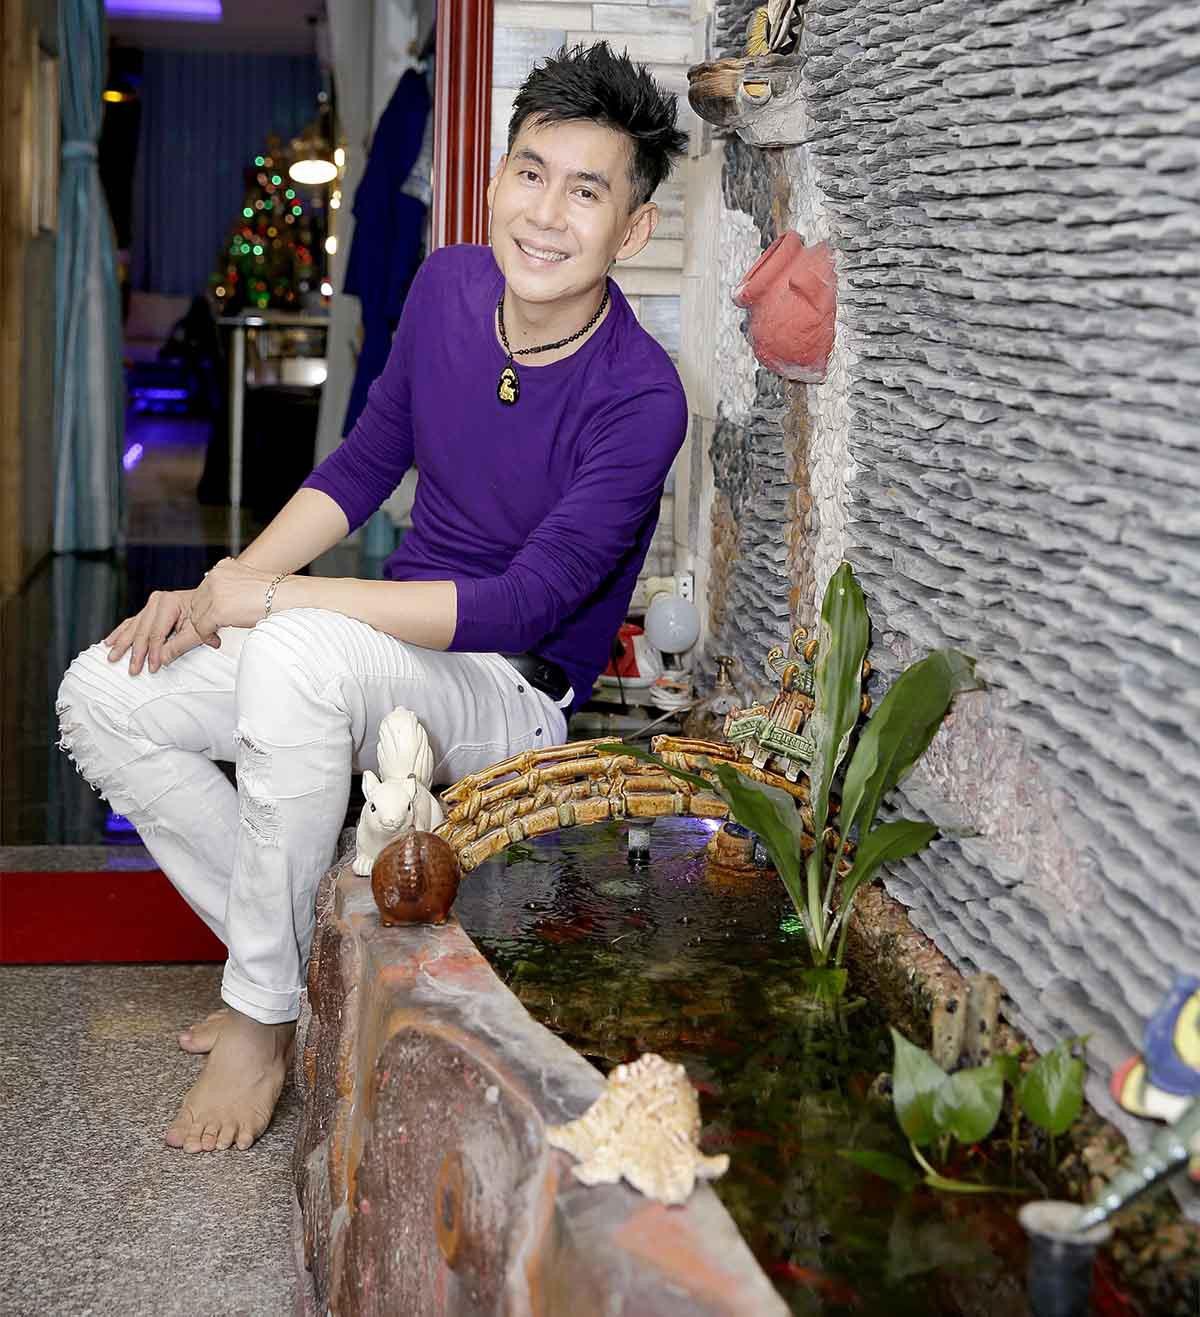 Nhà phố 70 tỷ nhìn đâu cũng thấy màu tím của nam ca sĩ từng là một trong Tứ đại thiên vương của nhạc Việt - Ảnh 5.